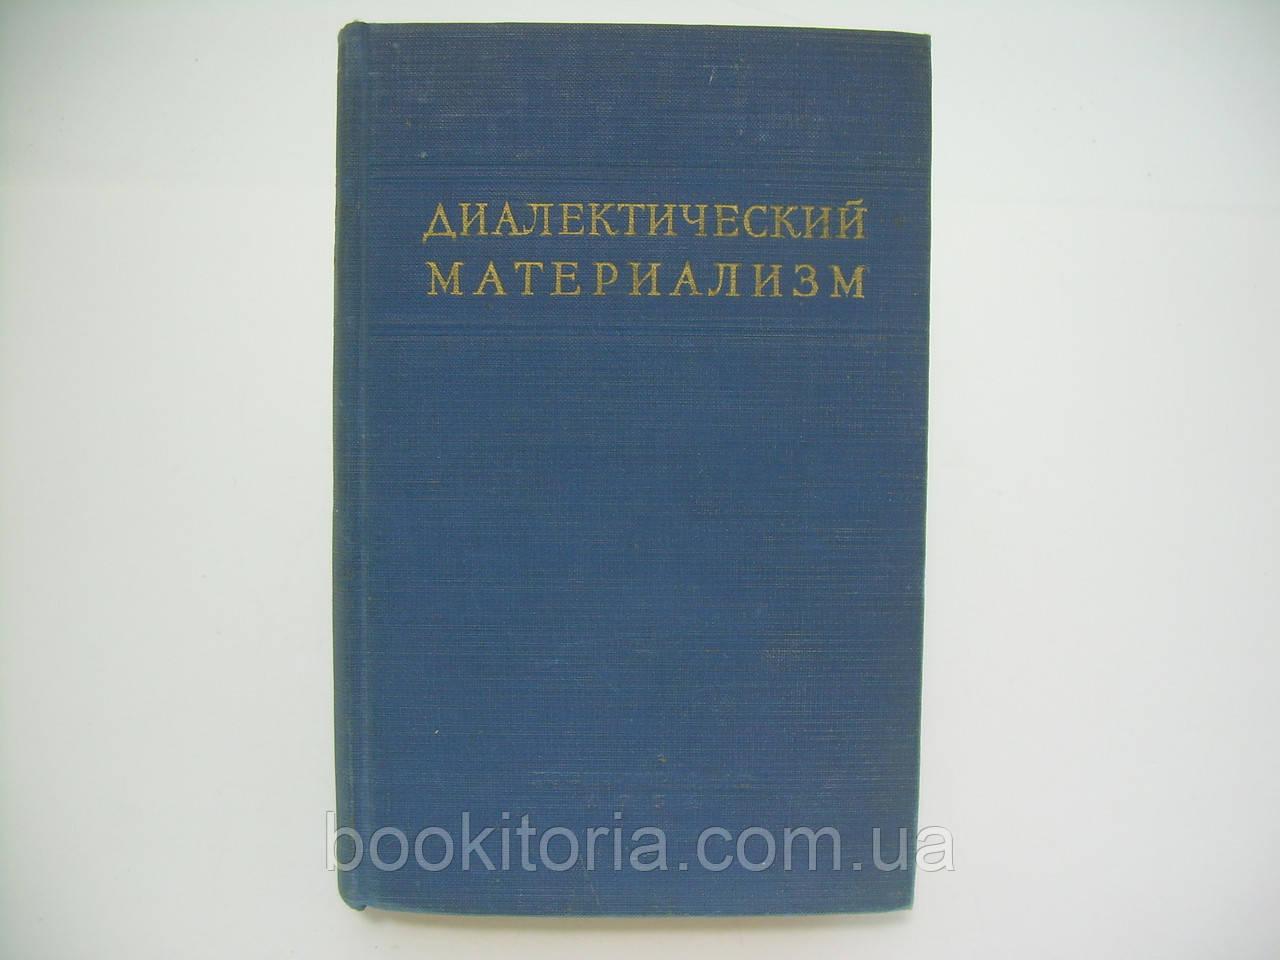 Диалектический материализм (б/у).